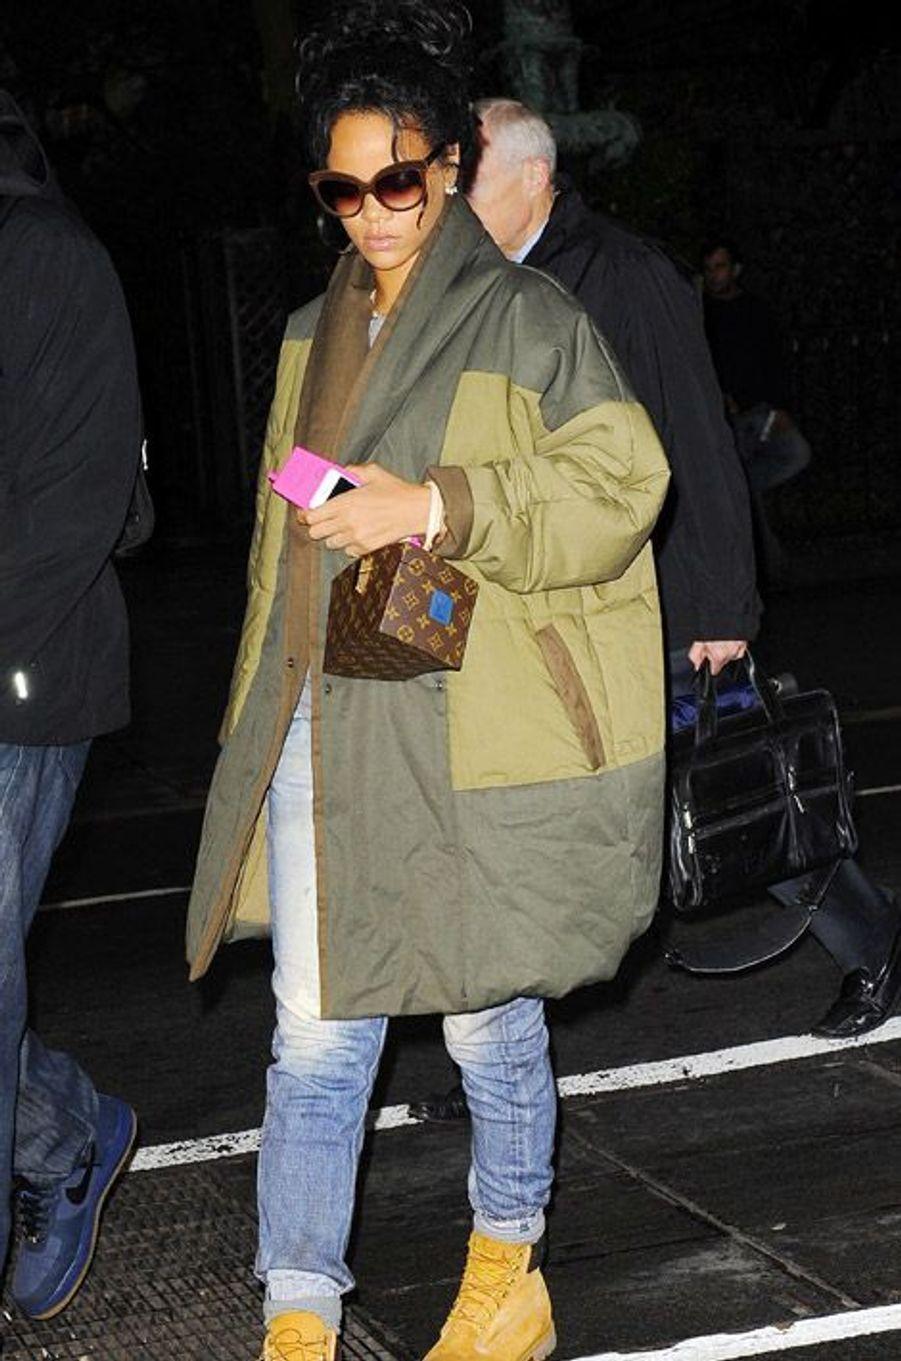 La chanteuse Rihanna dans les rues de New York, le 23 octobre 2014